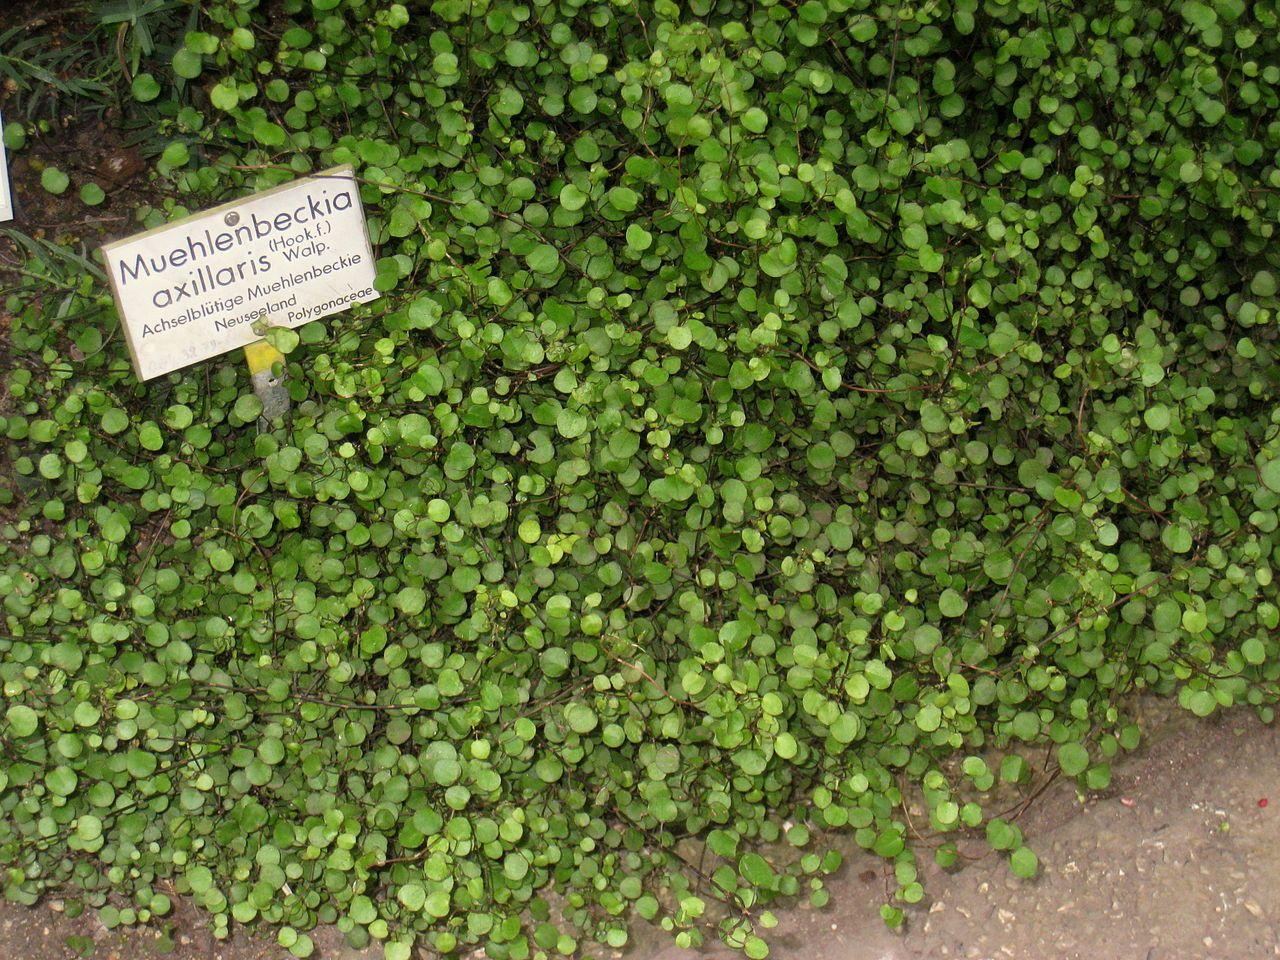 Muehlenbeckia Axillaris Daderot Eigenes Werk Muehlenbeckia Axillaris Specimen In The Botanischer Muhlenbeckia Botanischer Garten Berlin Botanischer Garten